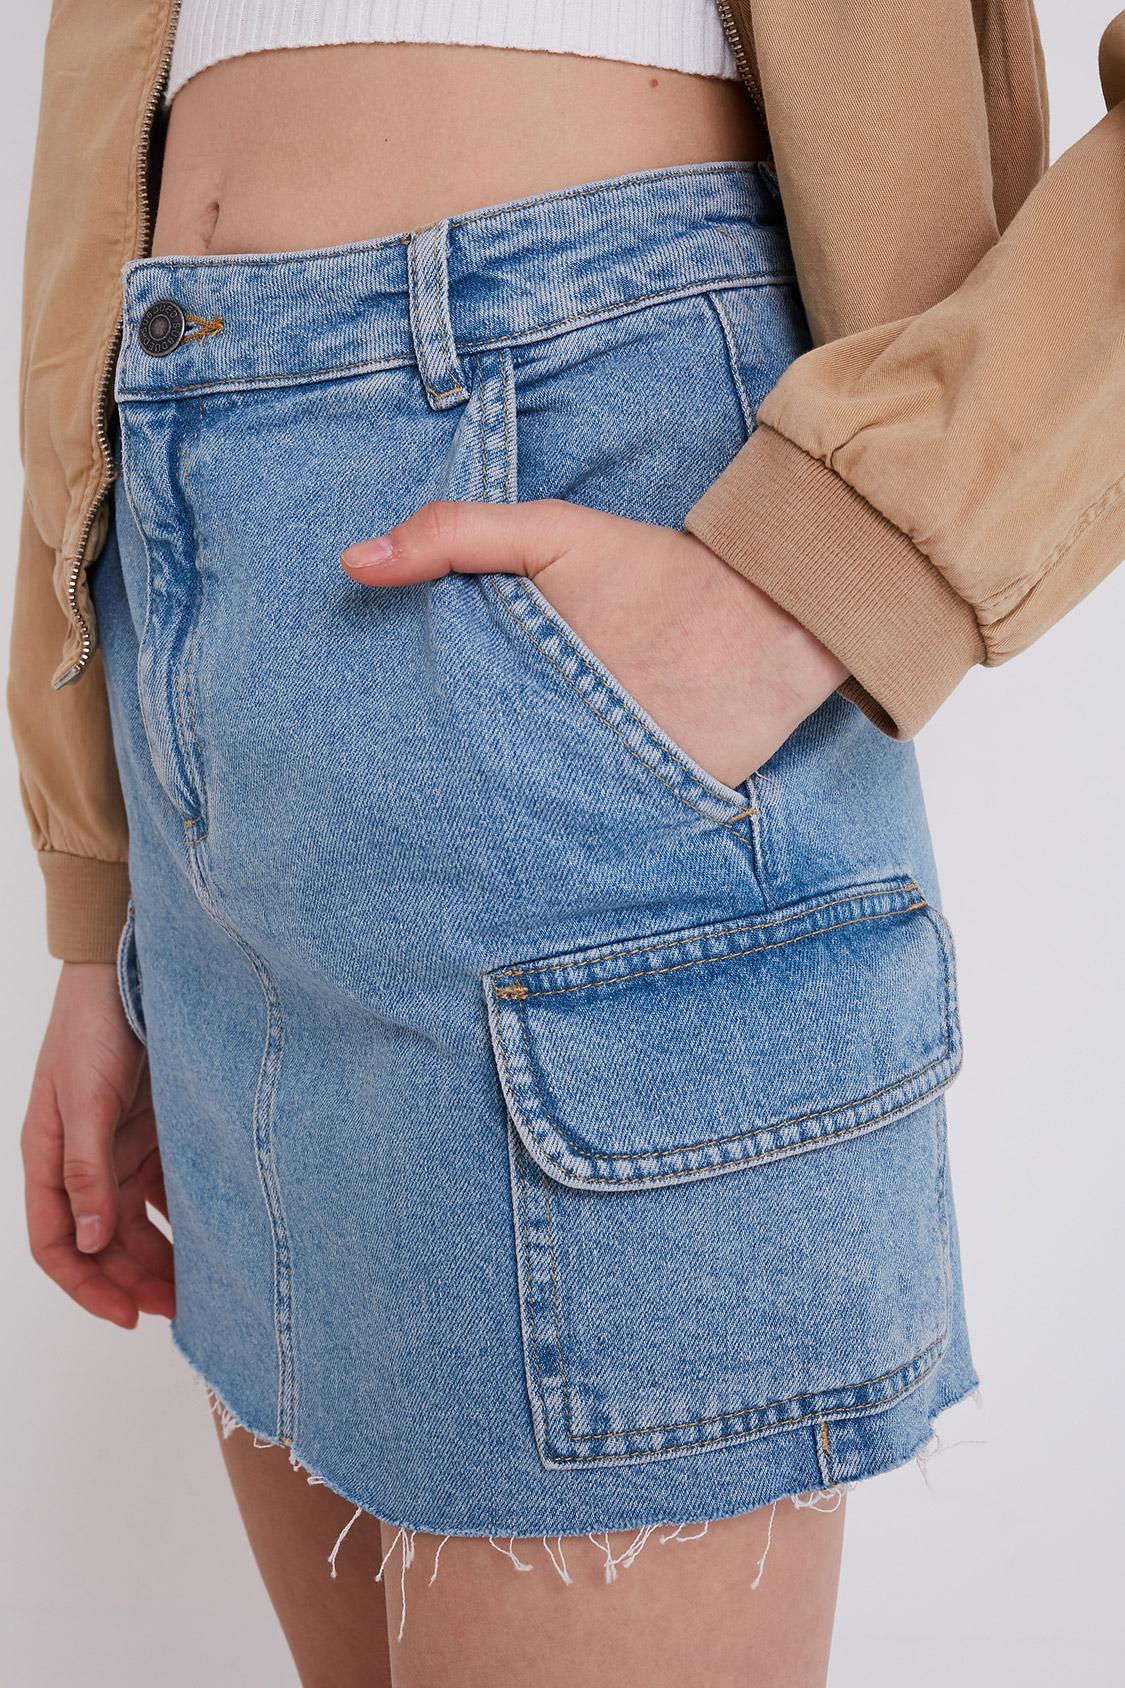 qualità incredibile quantità limitata prestazione affidabile Gonna cargo jeans